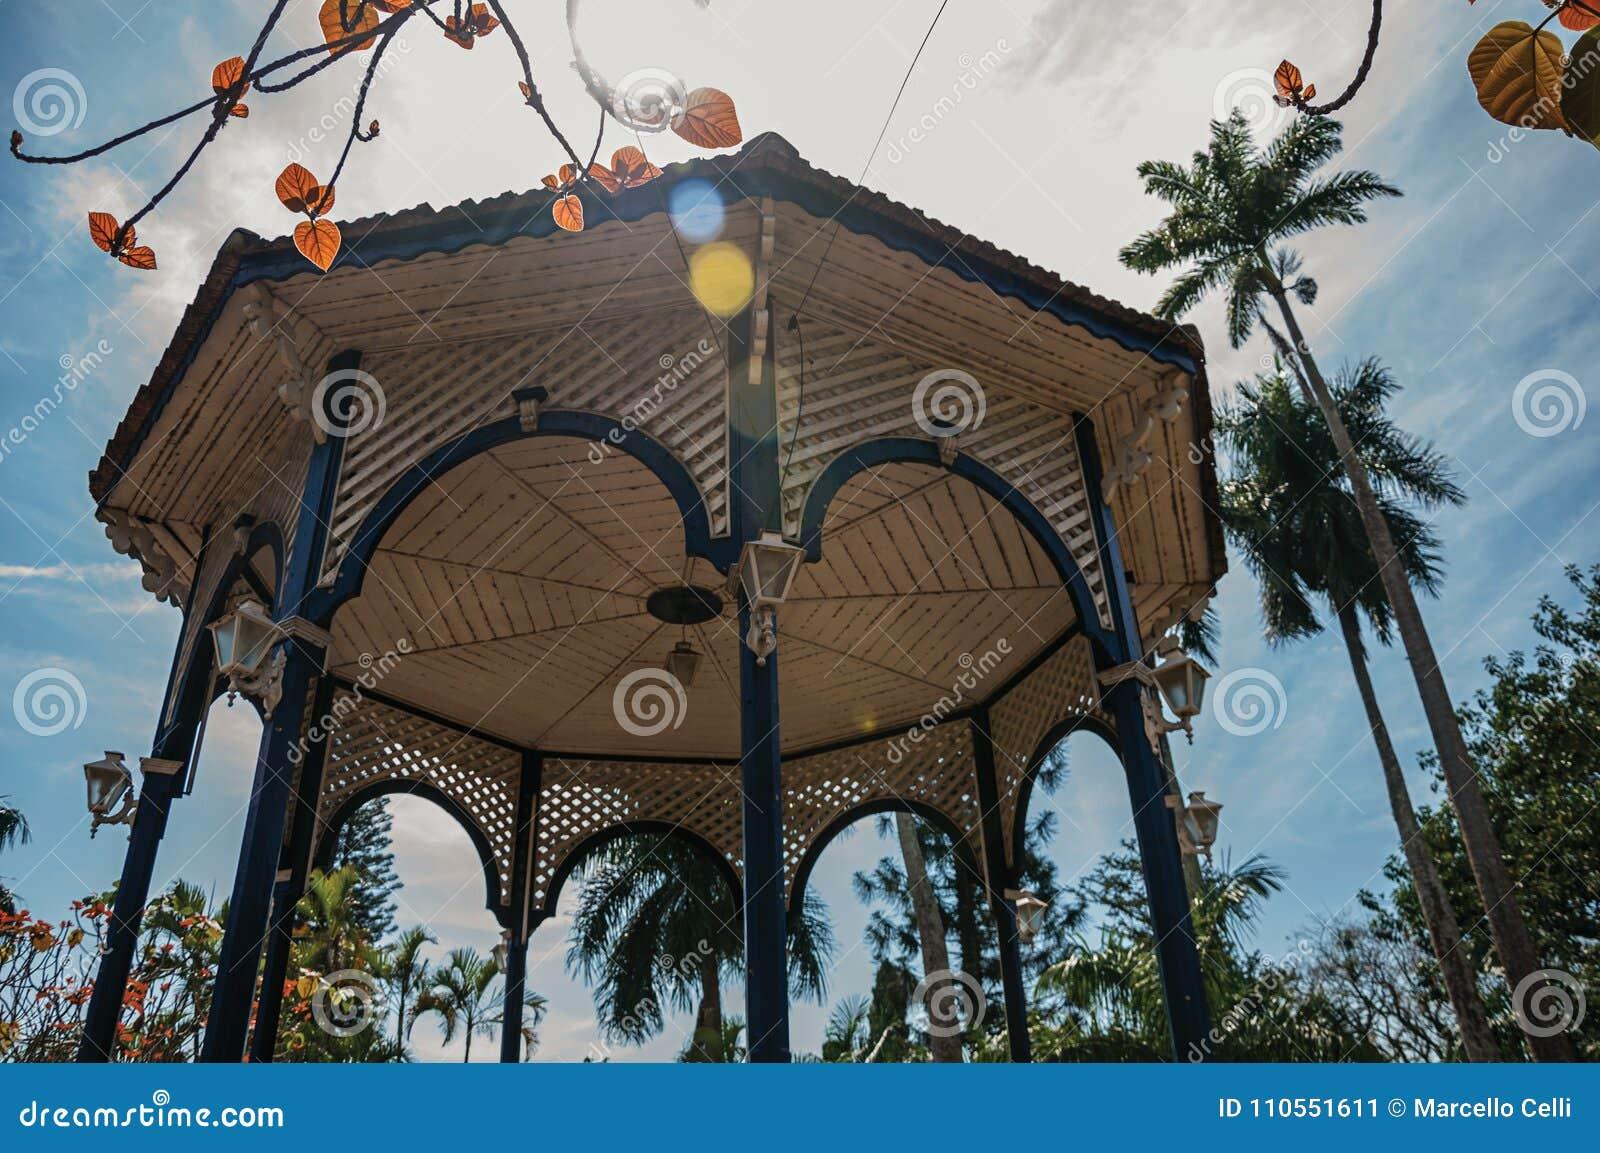 Nahaufnahme der bunten Gazebodecke mitten in Garten voll von Bäumen, an einem hellen sonnigen Tag bei São Manuel